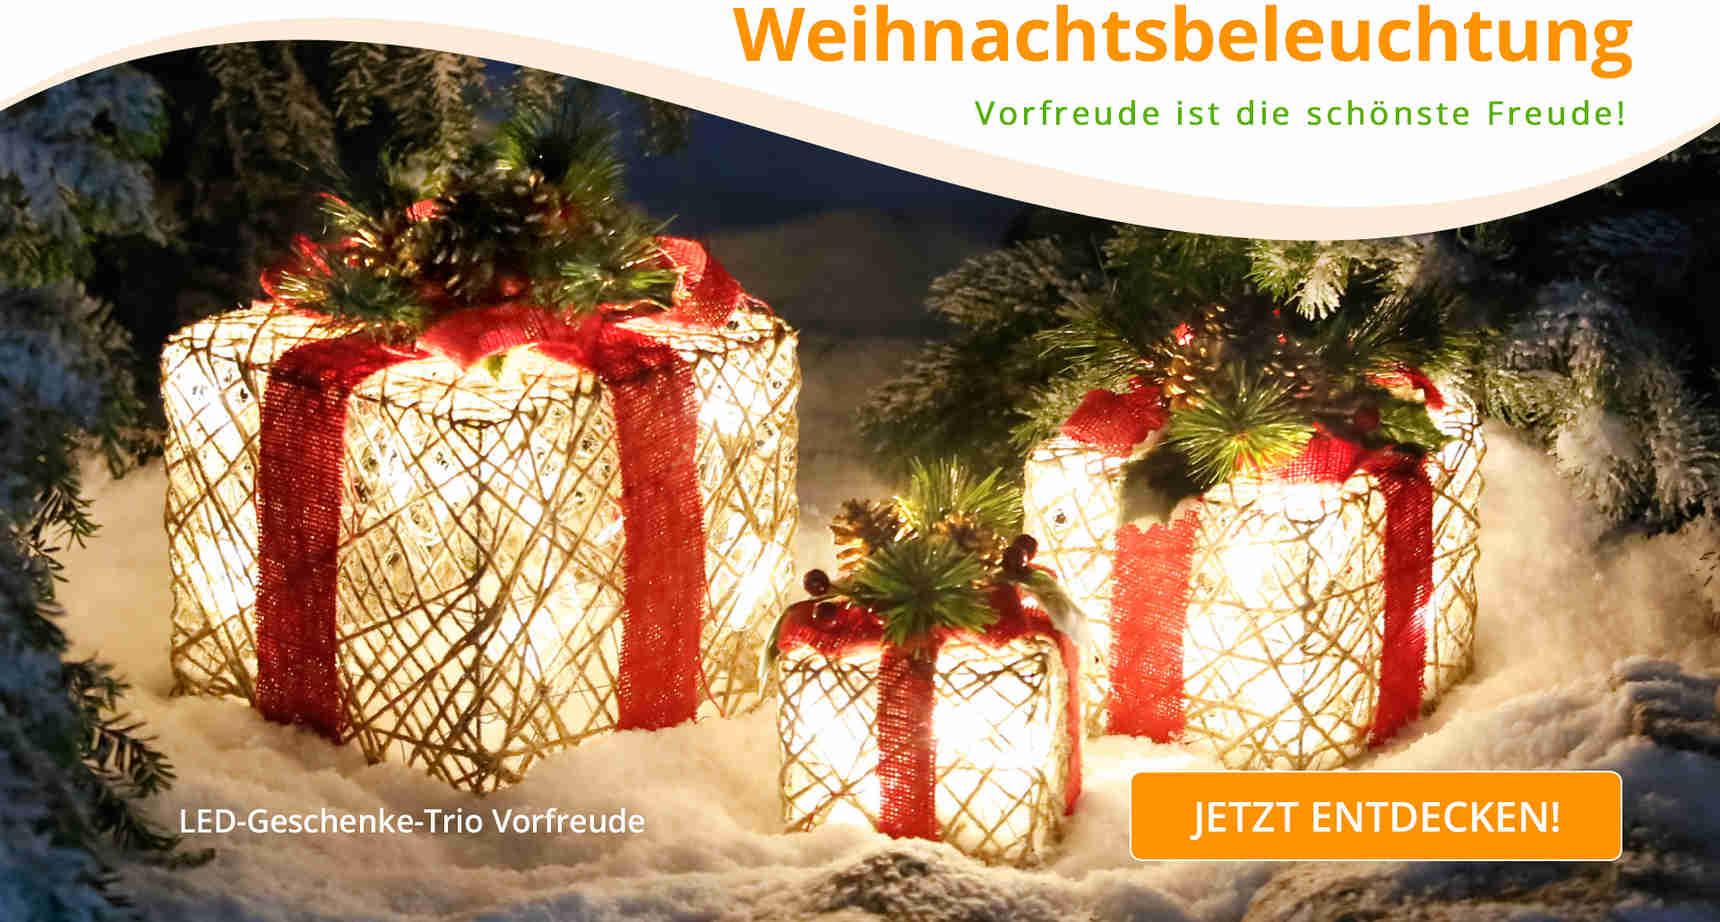 +++ (1) Weihnachten +++ - 1